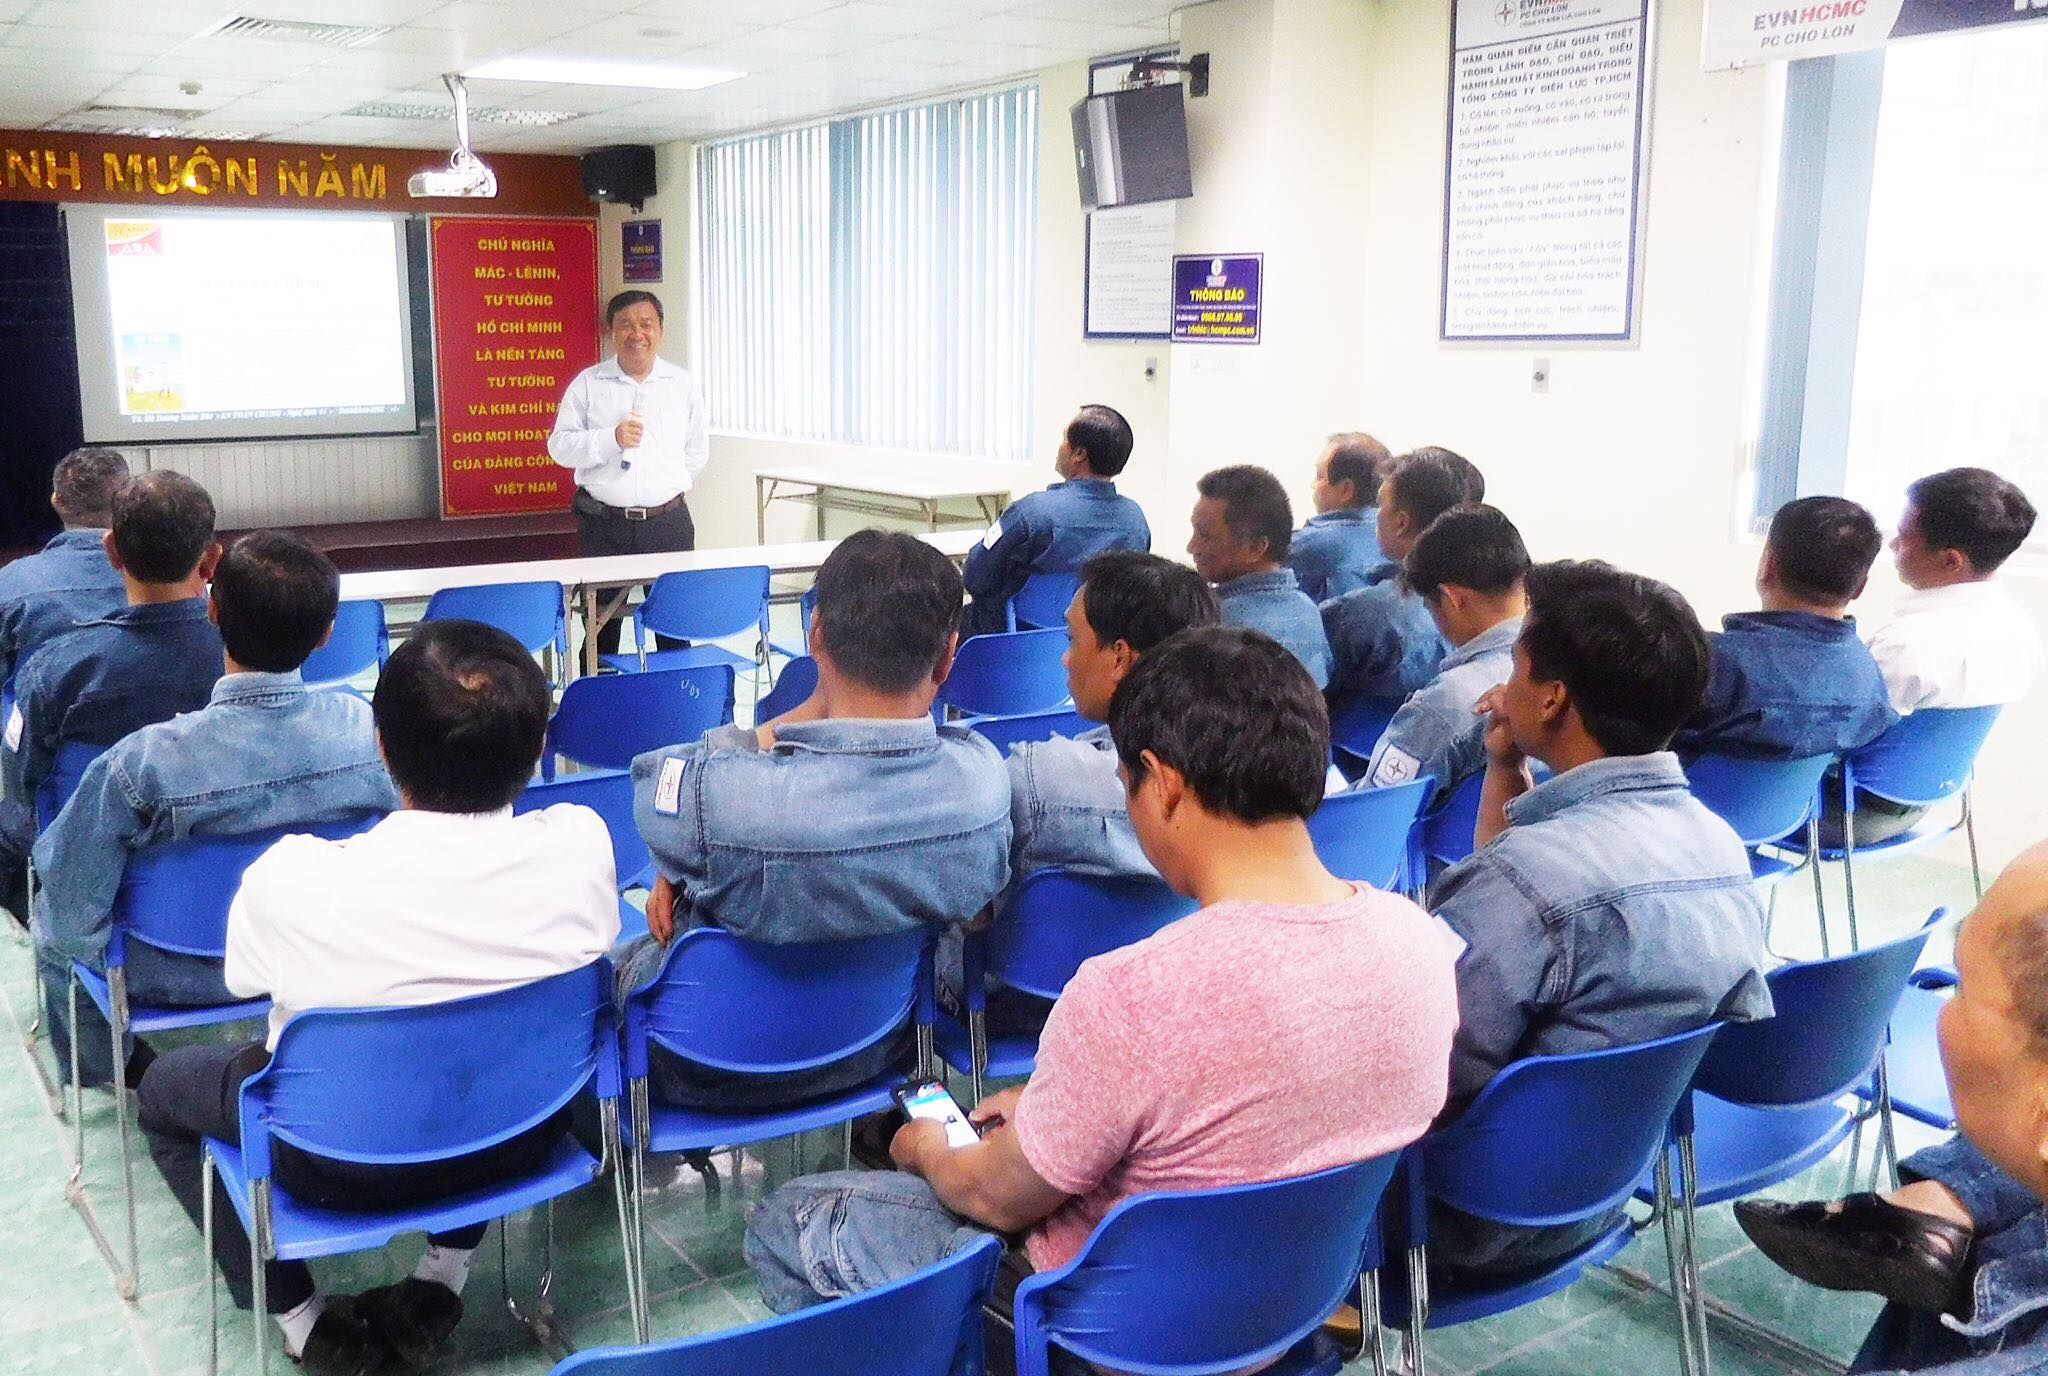 Khai giảng lớp ATLĐ nhóm 3,4, nhóm thiết bị nâng - CÔNG TY ĐIỆN LỰC CHỢ LỚN Ngày 18/07/2018